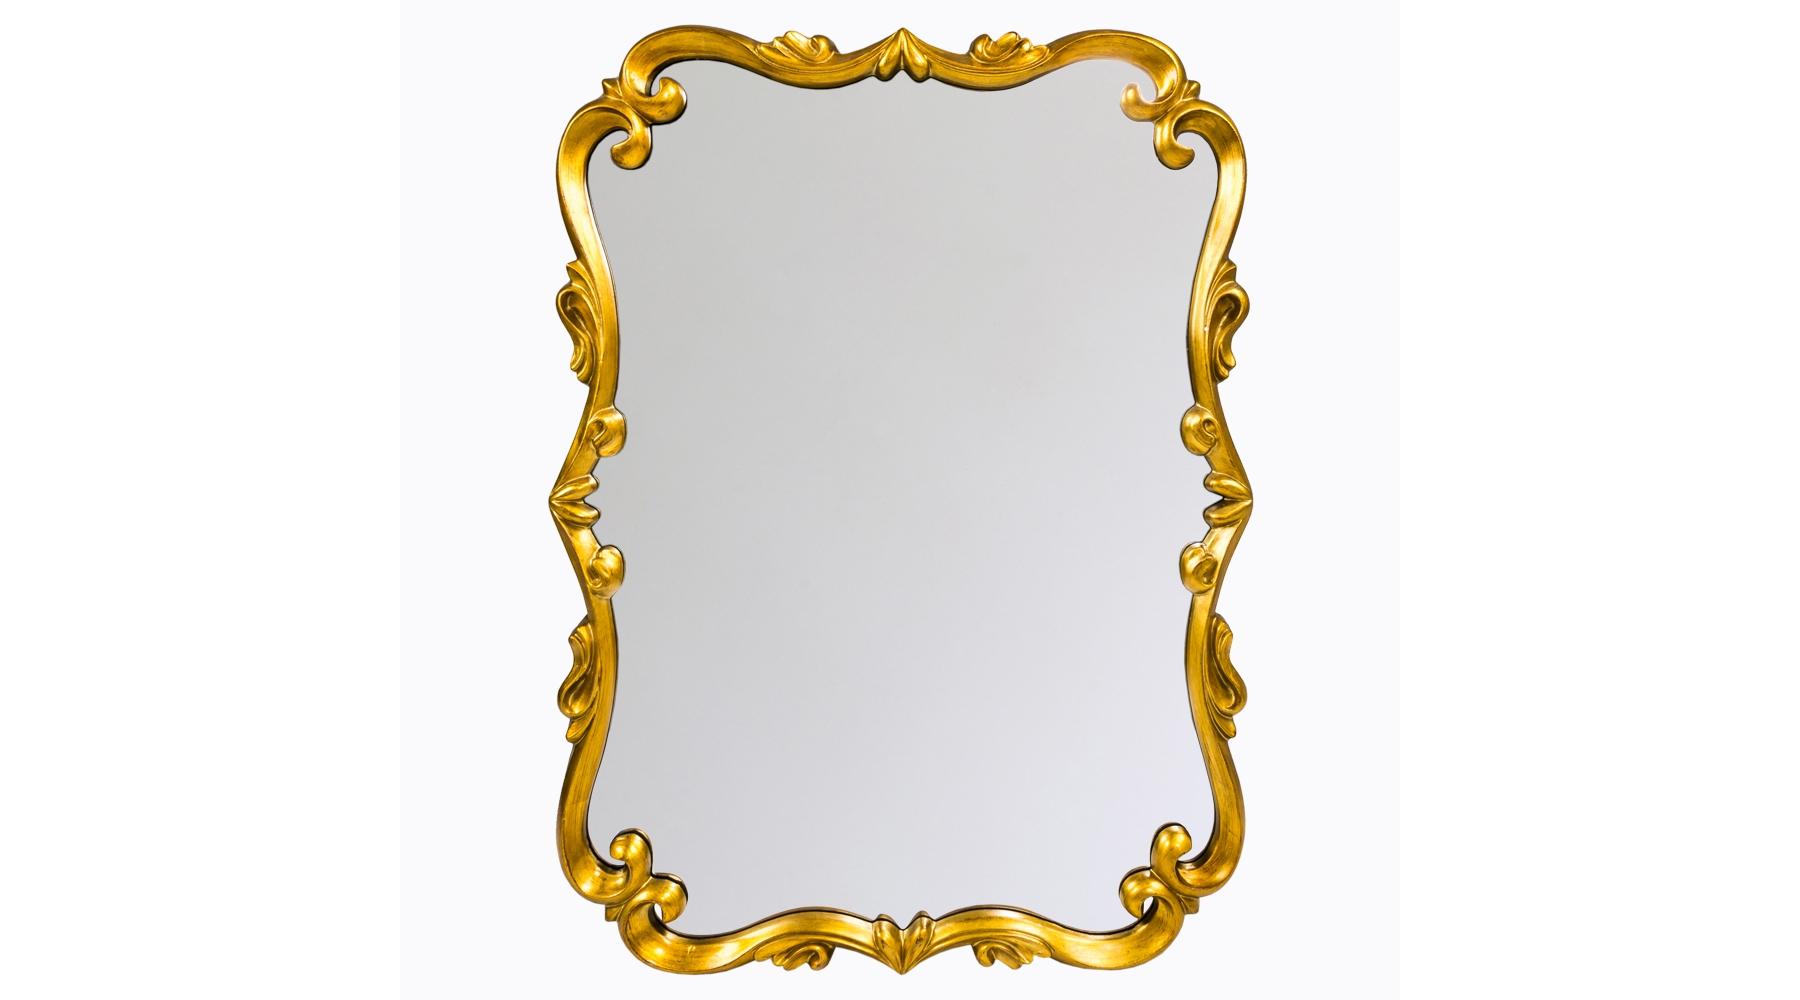 Настенное зеркало «Паскаль»Настенные зеркала<br>Это зеркало в золоченой раме прекрасно дополнит интерьер в любом «историческом» стиле: классицизм, модерн, ар-деко, рококо, ампир или ренессанс. Багет с витиеватым орнаментом очень легкий, не массивный, изготовлен из мебельного полиуретана. Этот материал не боится влаги, поэтому зеркало можно повесить в ванной или другом влажном помещении. ППУ очень прочен, срок его службы не ограничен. Зеркало толщиной 4 мм покрыто серебряной амальгамой, отражает объекты и предметы без искажений.<br><br>Material: Пластик<br>Width см: 77<br>Depth см: 3,5<br>Height см: 103